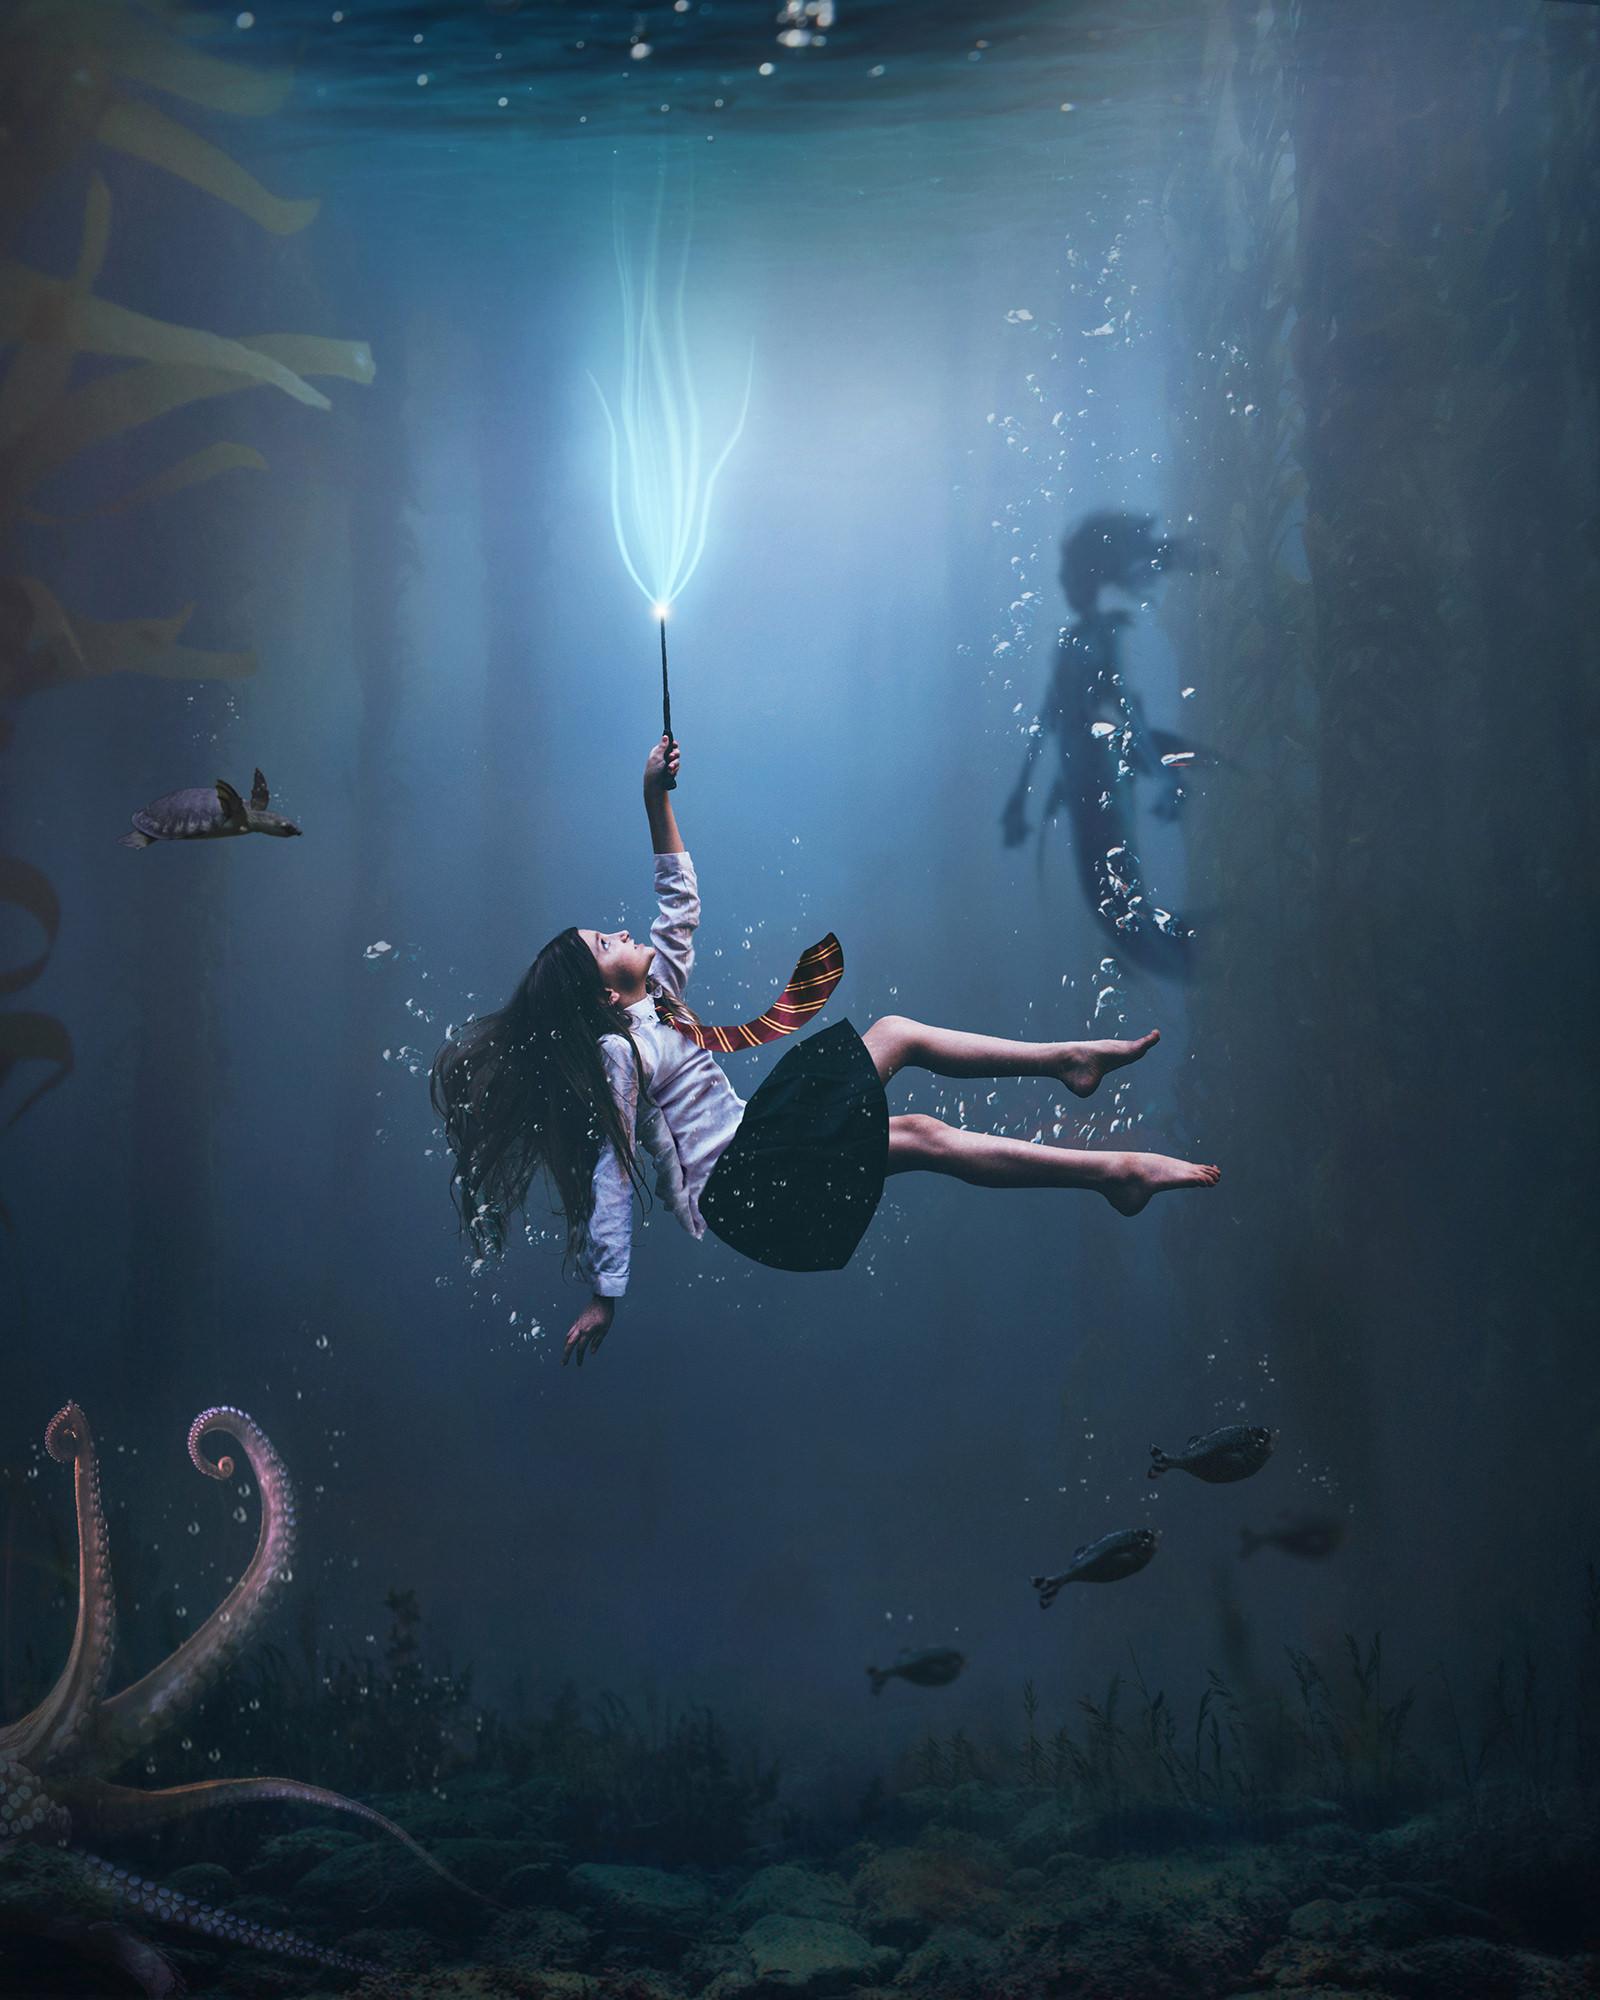 Alexandria Wand Underwater Image